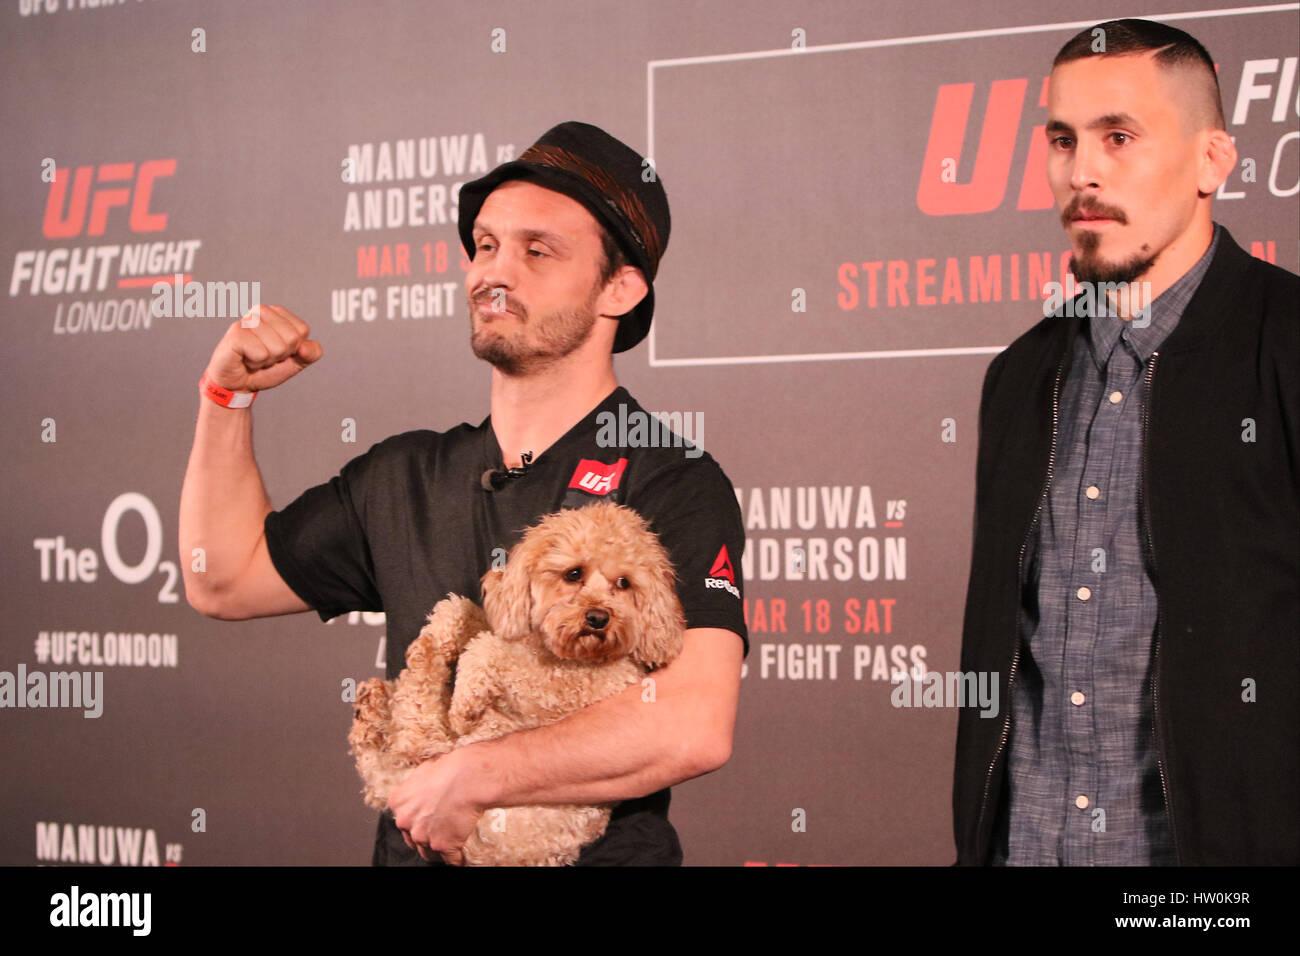 London, UK. 16. März 2017. Brad Pickett und Marlon Vera antreten vor ihrer Hauptkarte Kampf bei UFC London: Stockbild